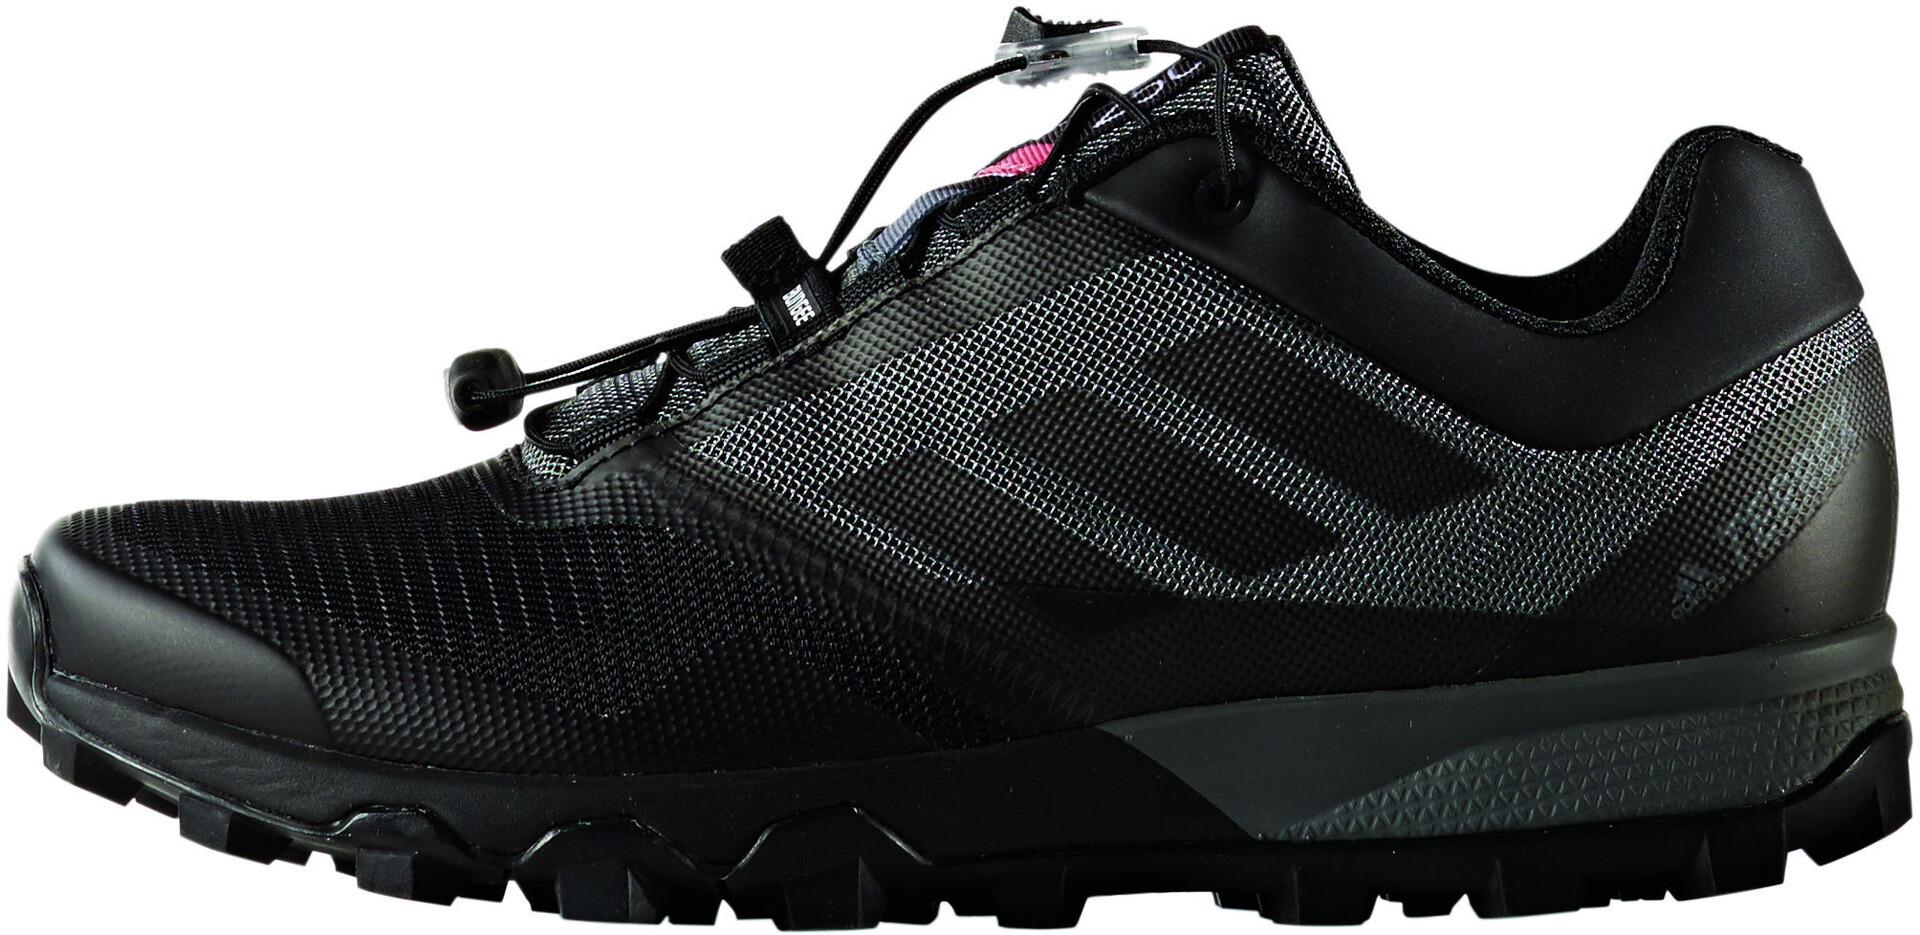 adidas TERREX Trailmaker Schoenen Dames, vista greycore blacktactile pink